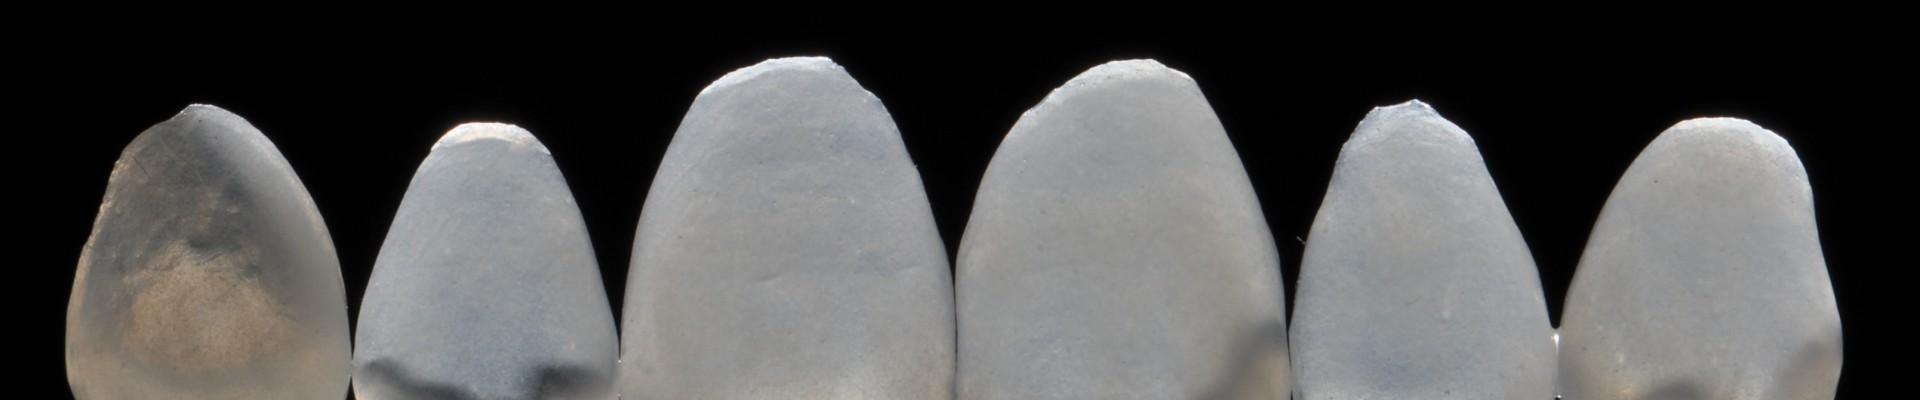 Descubre cómo las carillas dentales pueden mejorar tu sonrisa.